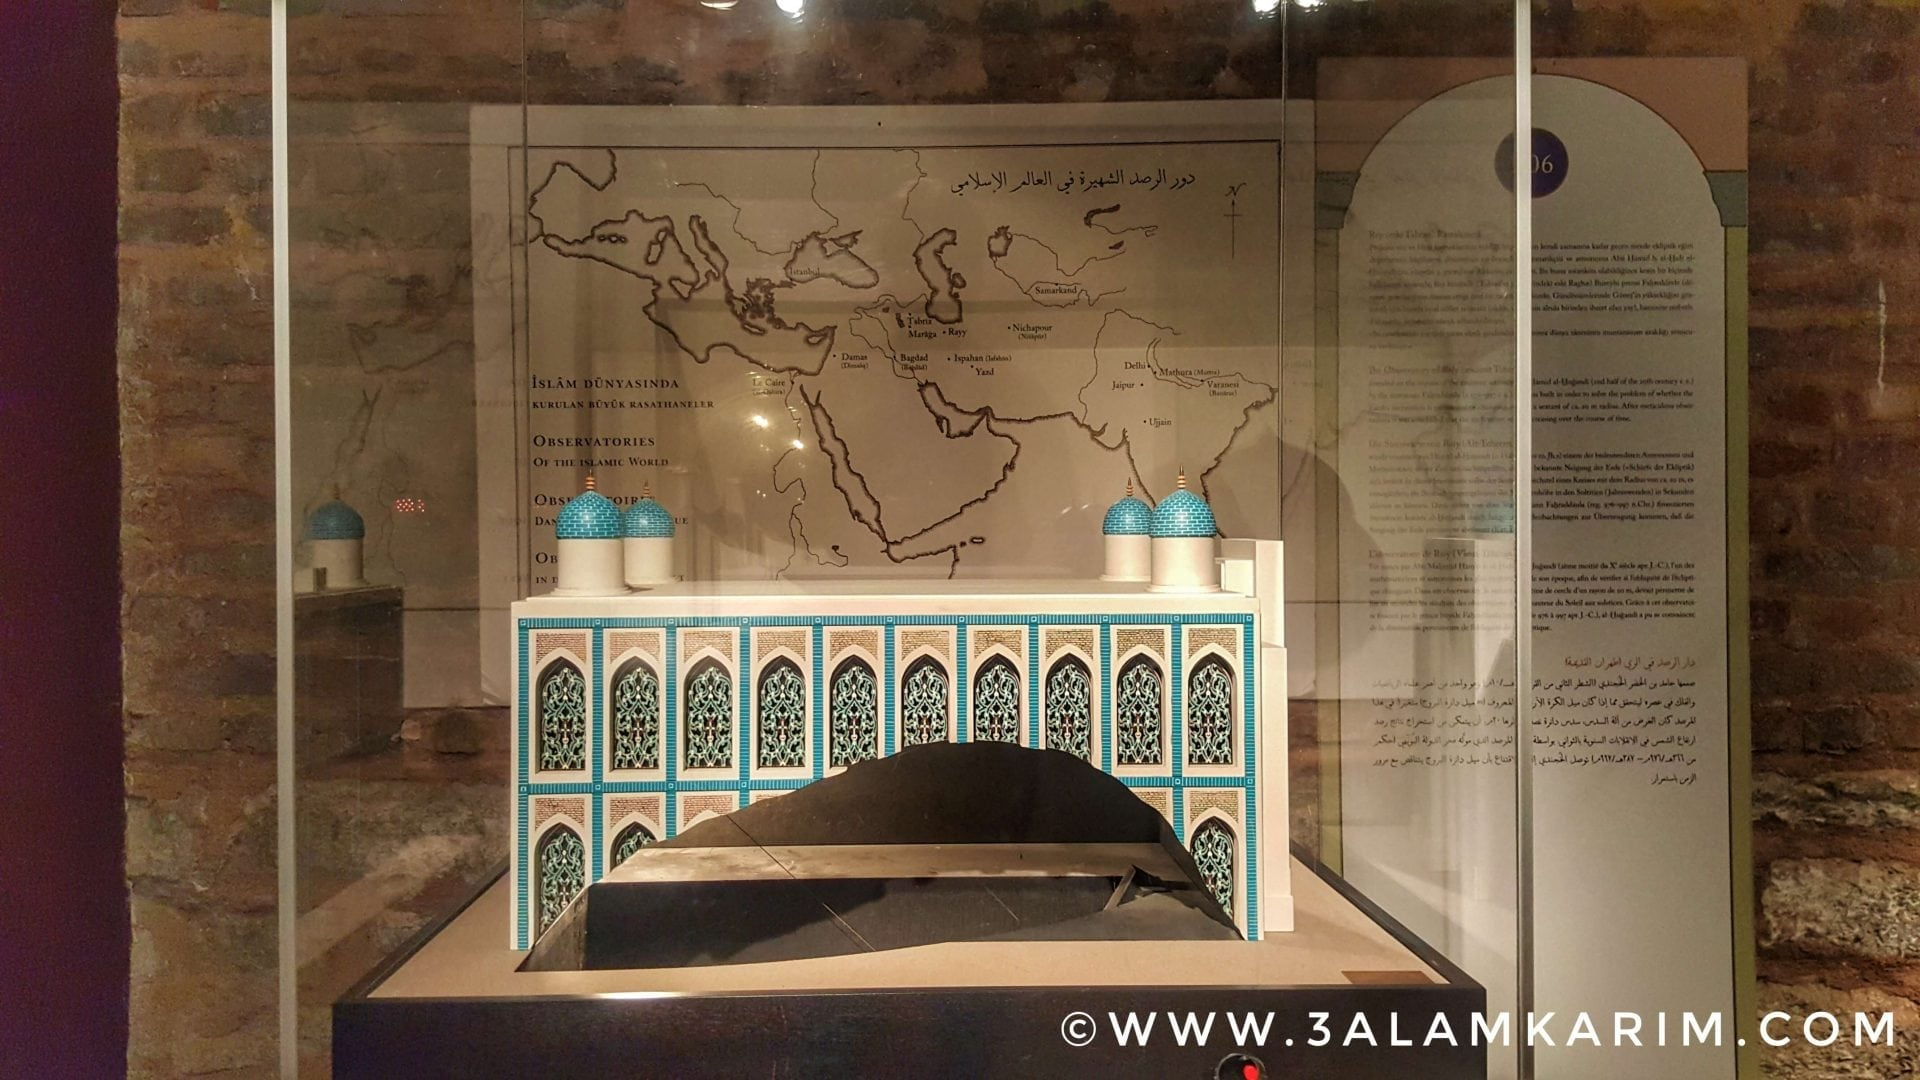 مجسم لدار الرصد في الري (طهران القديمة)